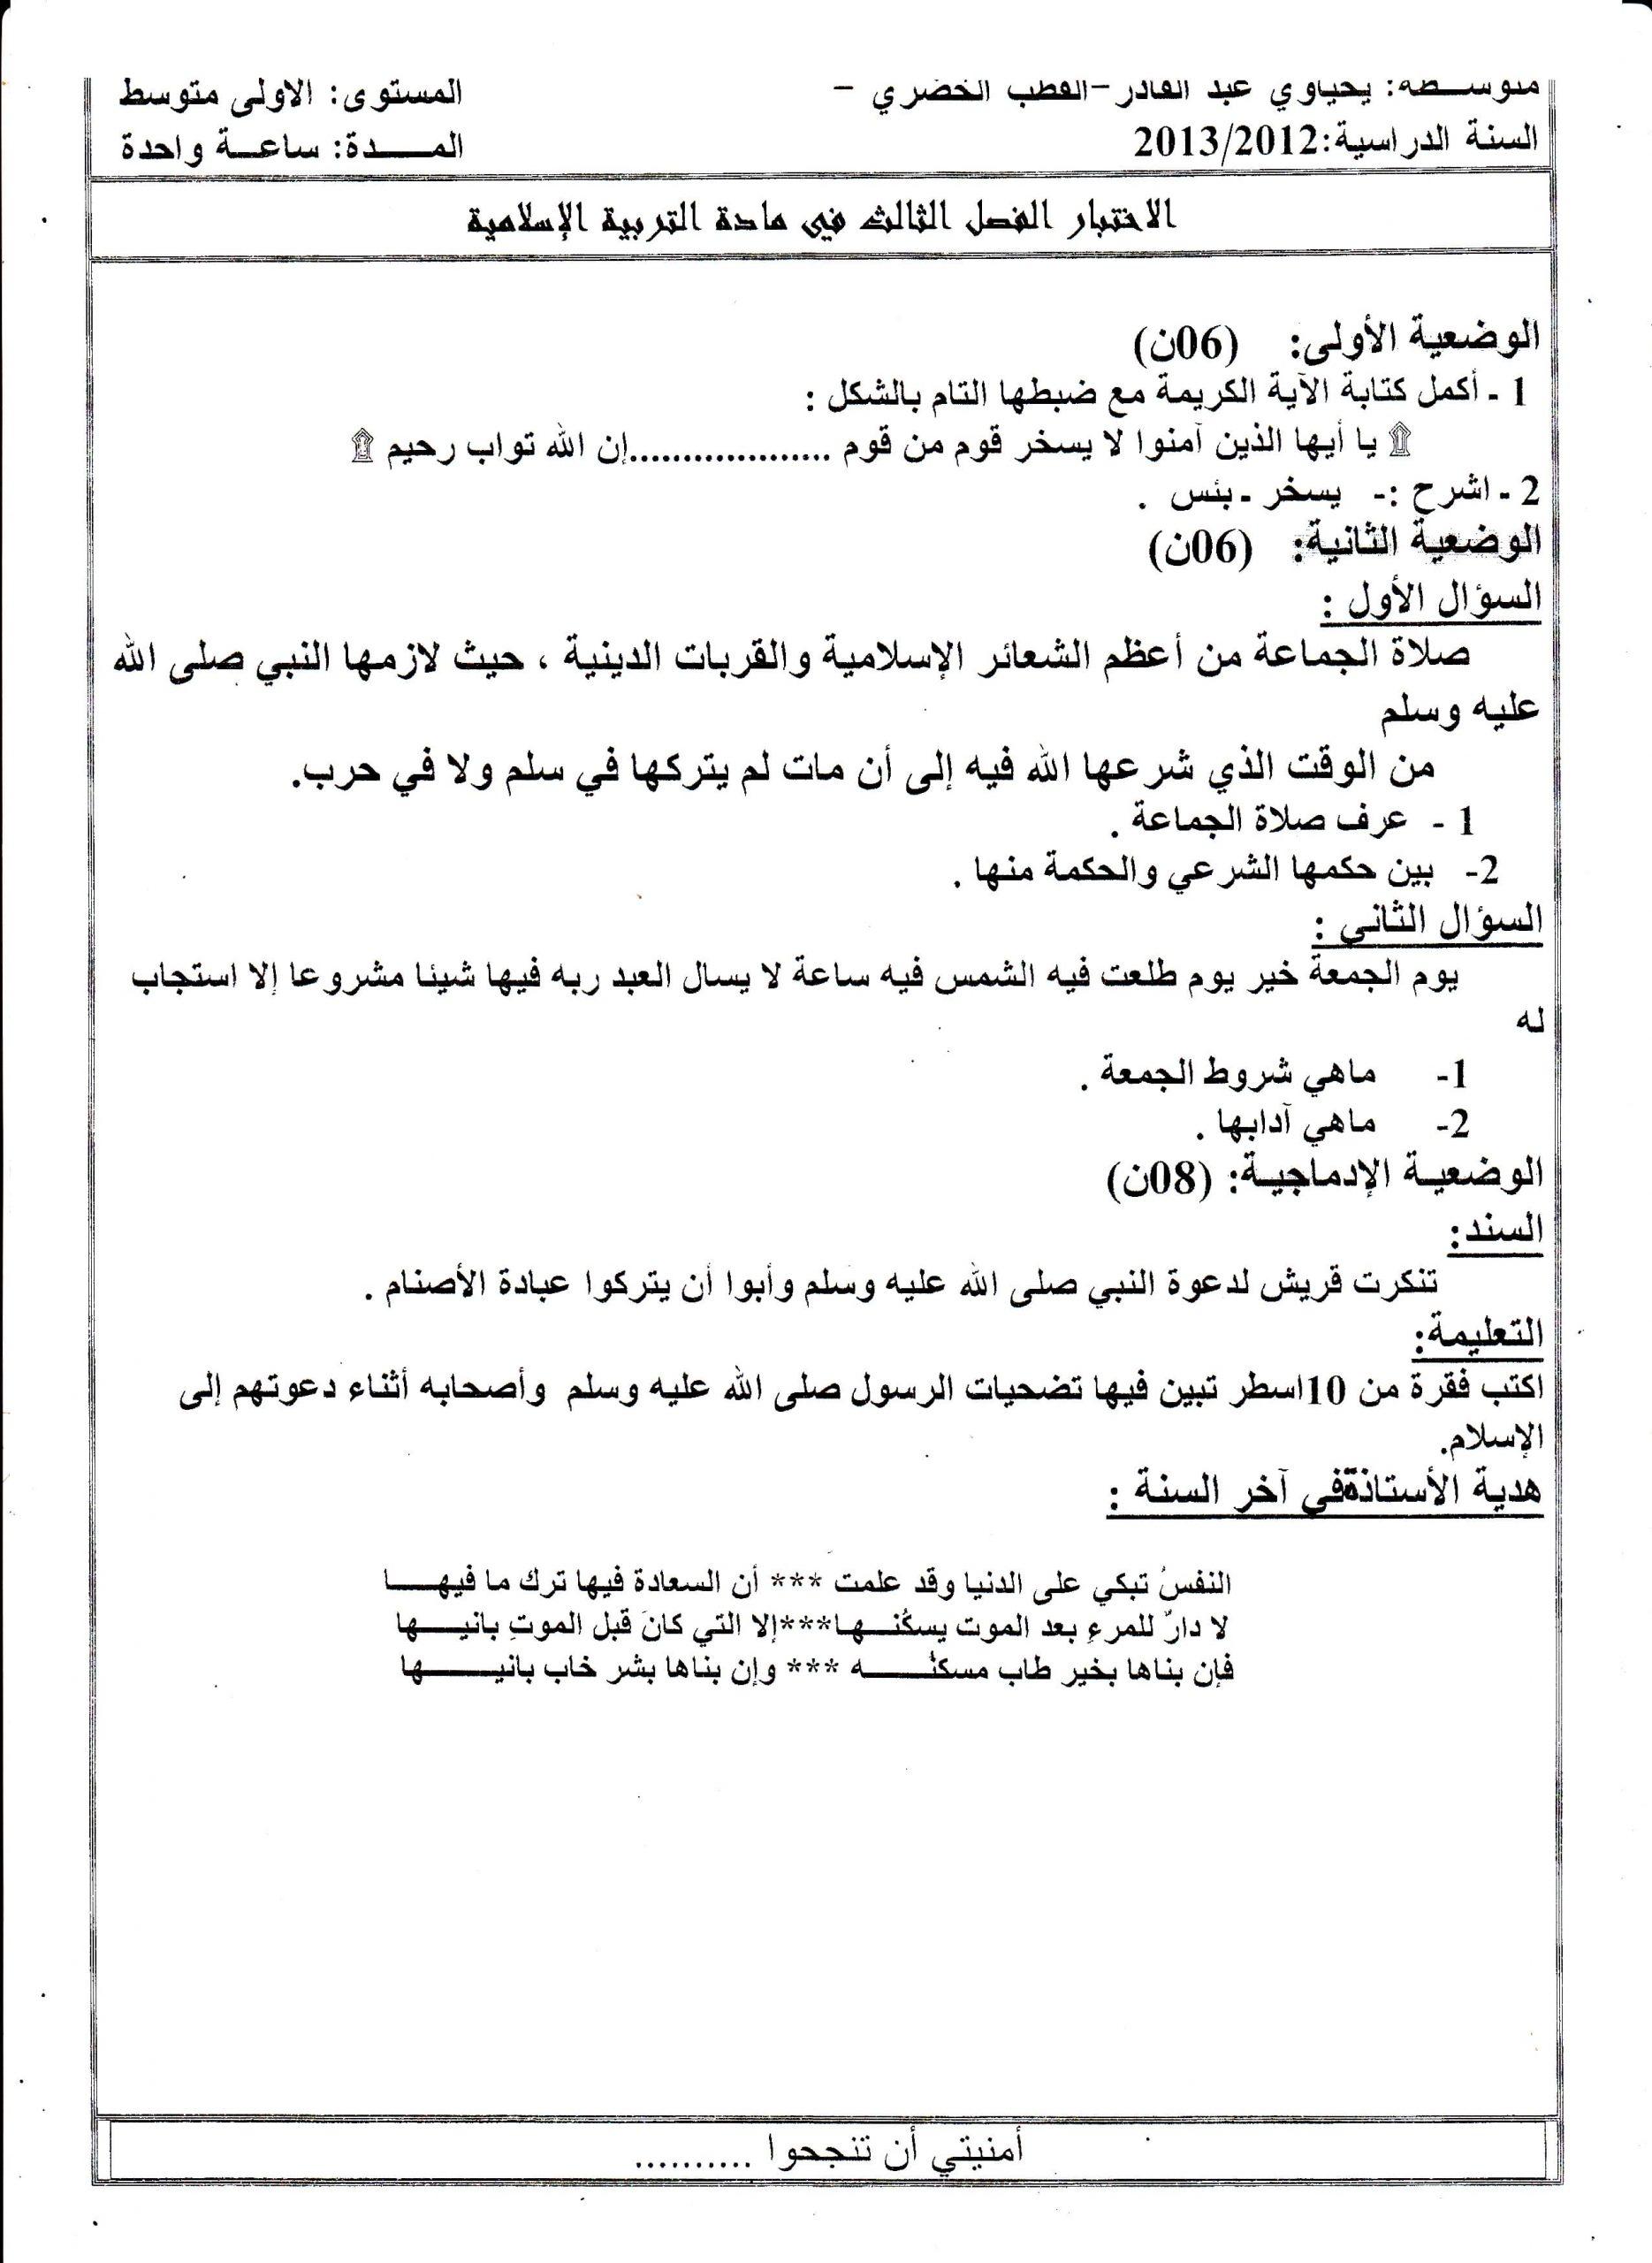 اختبار الفصل الثالث في التربية الاسلامية للسنة الأولى متوسط - الموضوع 03